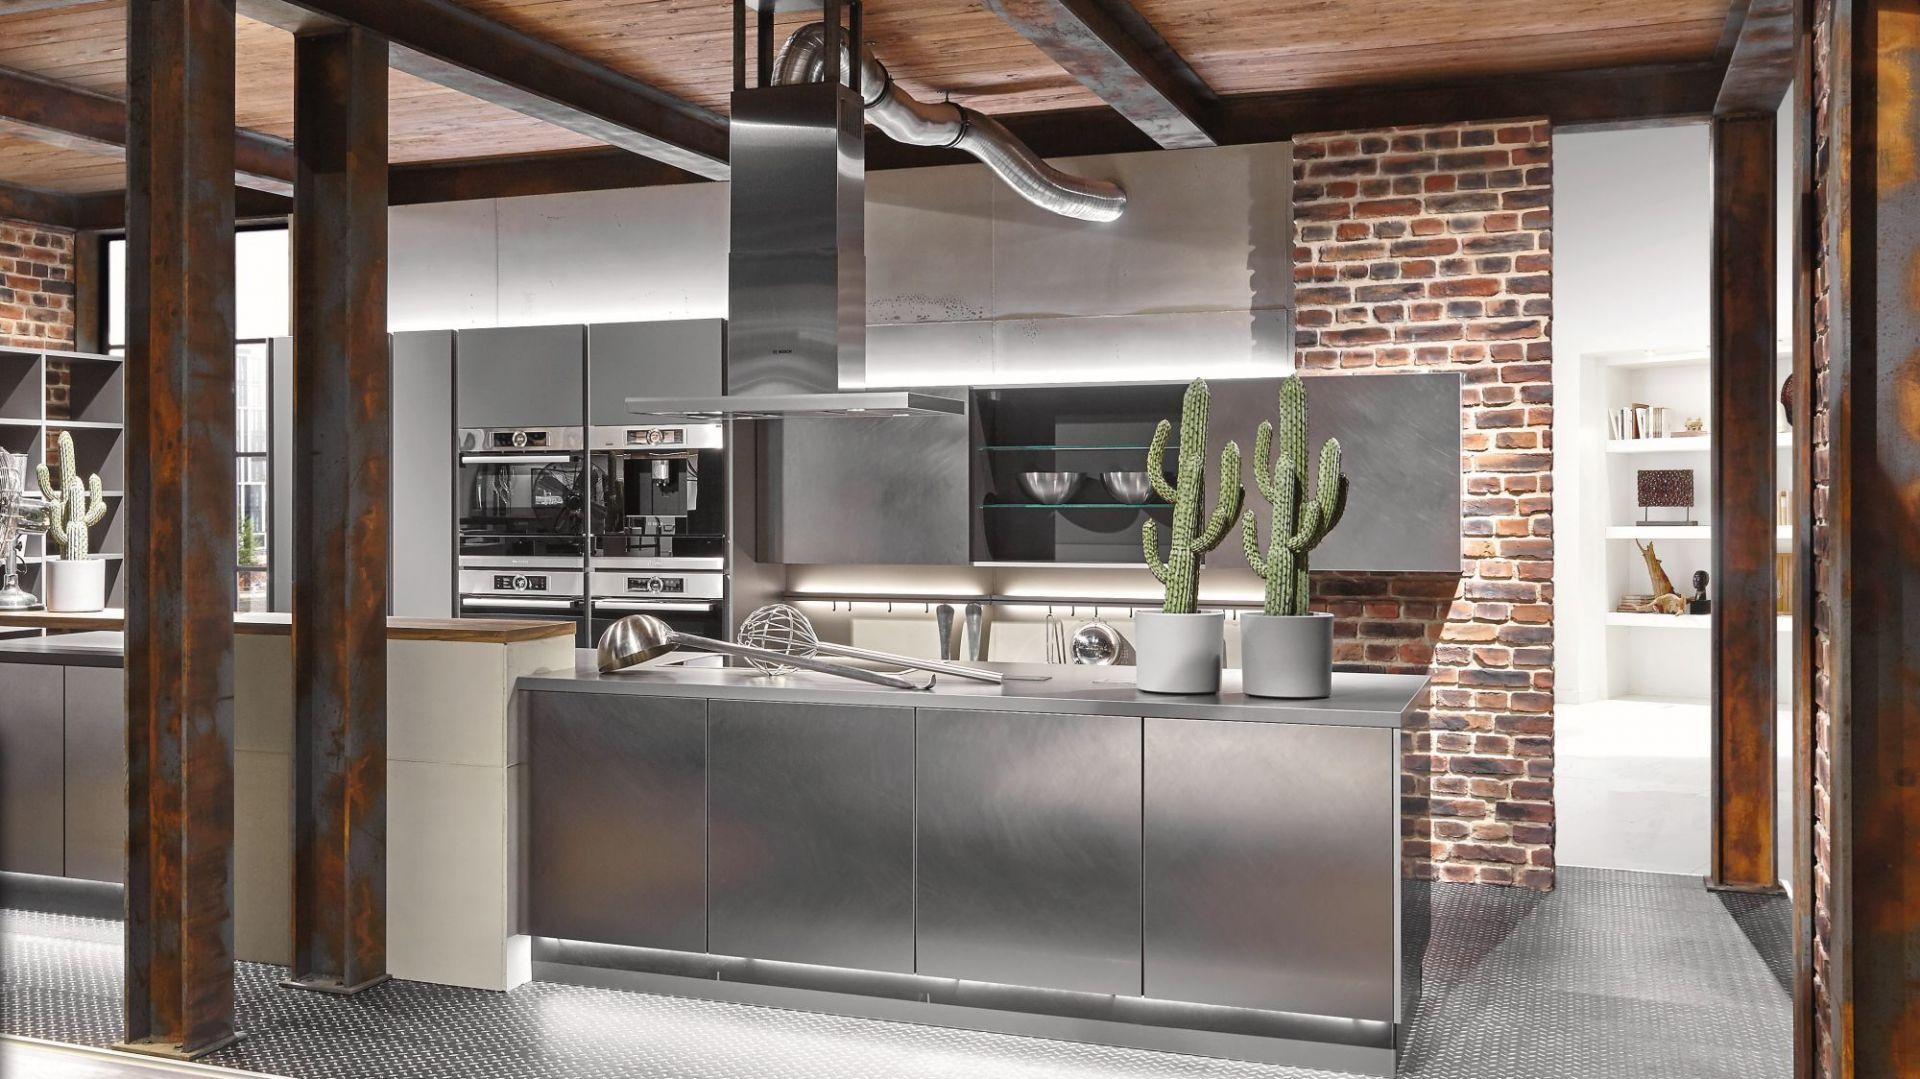 """Kuchnia industrialna. Lubi materiały o surowym charakterze – metal, beton, naturalne drewno ze śladami zużycia. Łączy prostą formę z nowoczesnymi rozwiązaniami. Dużą rolę w zabudowach kuchennych tego typu odgrywają odpowiednio dobrane dodatki – oświetlenie i akcesoria meblowe. Na zdjęciu: model """"Metal Concept"""" firmy Verle Kuchen. Fot. Verle Kuchen"""